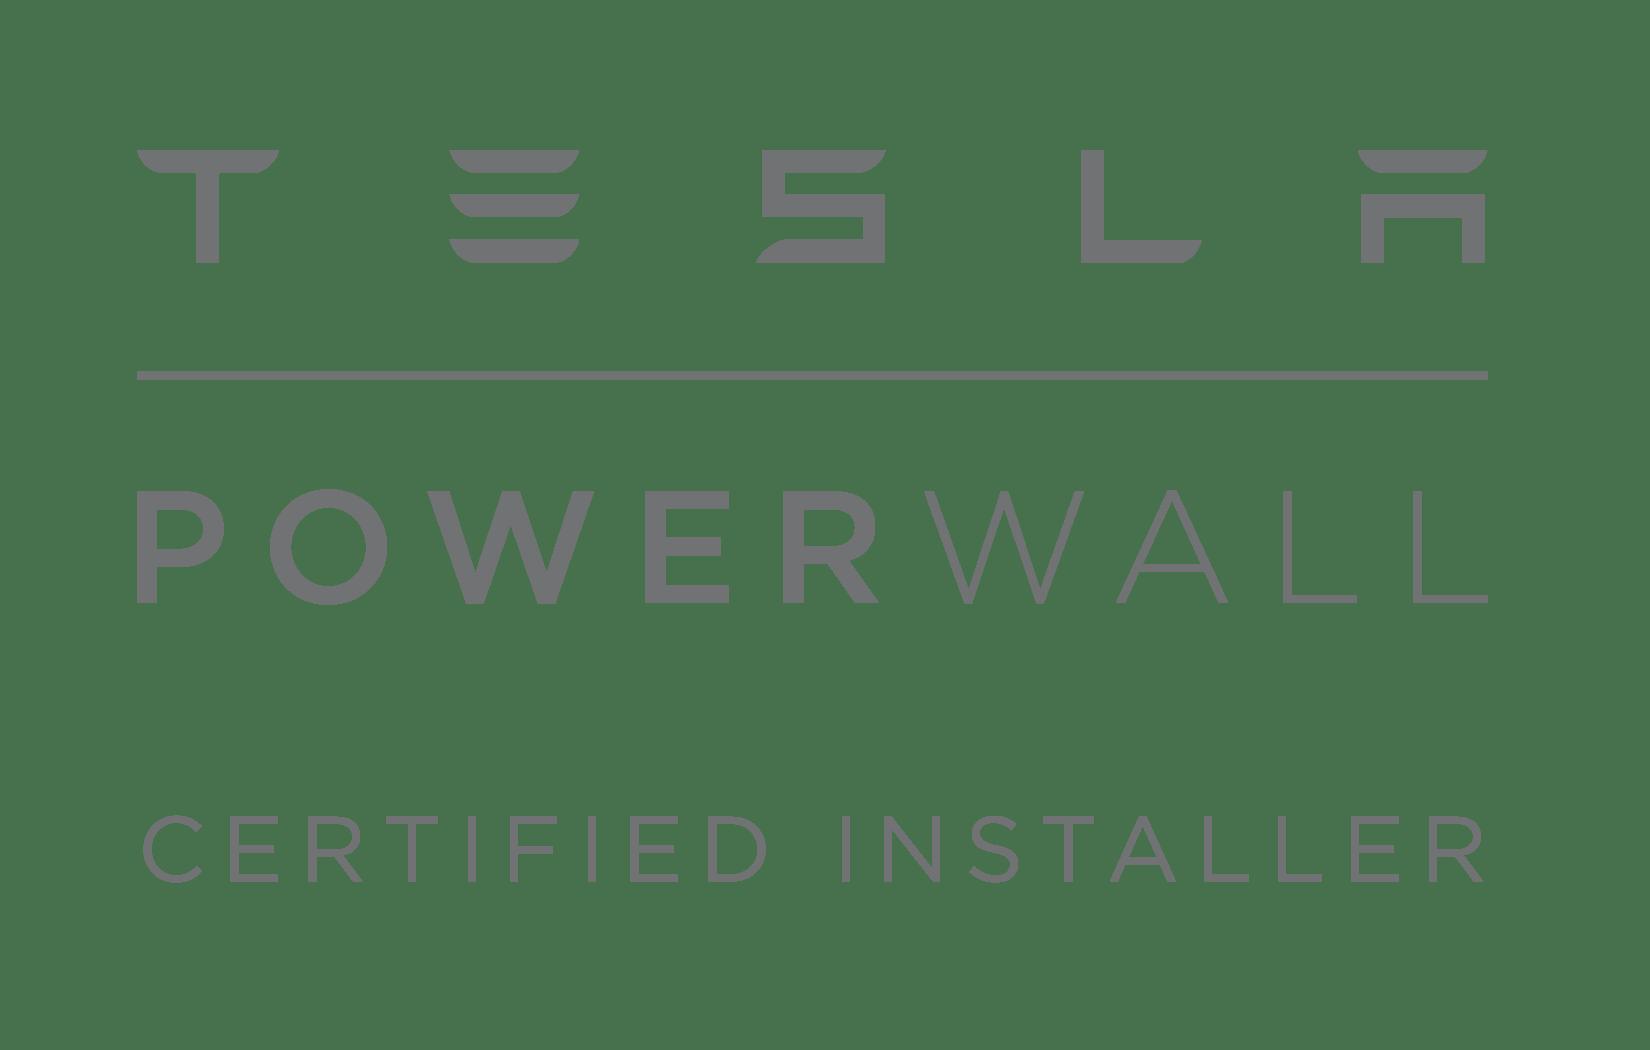 Tesla Powerwall Certified installer